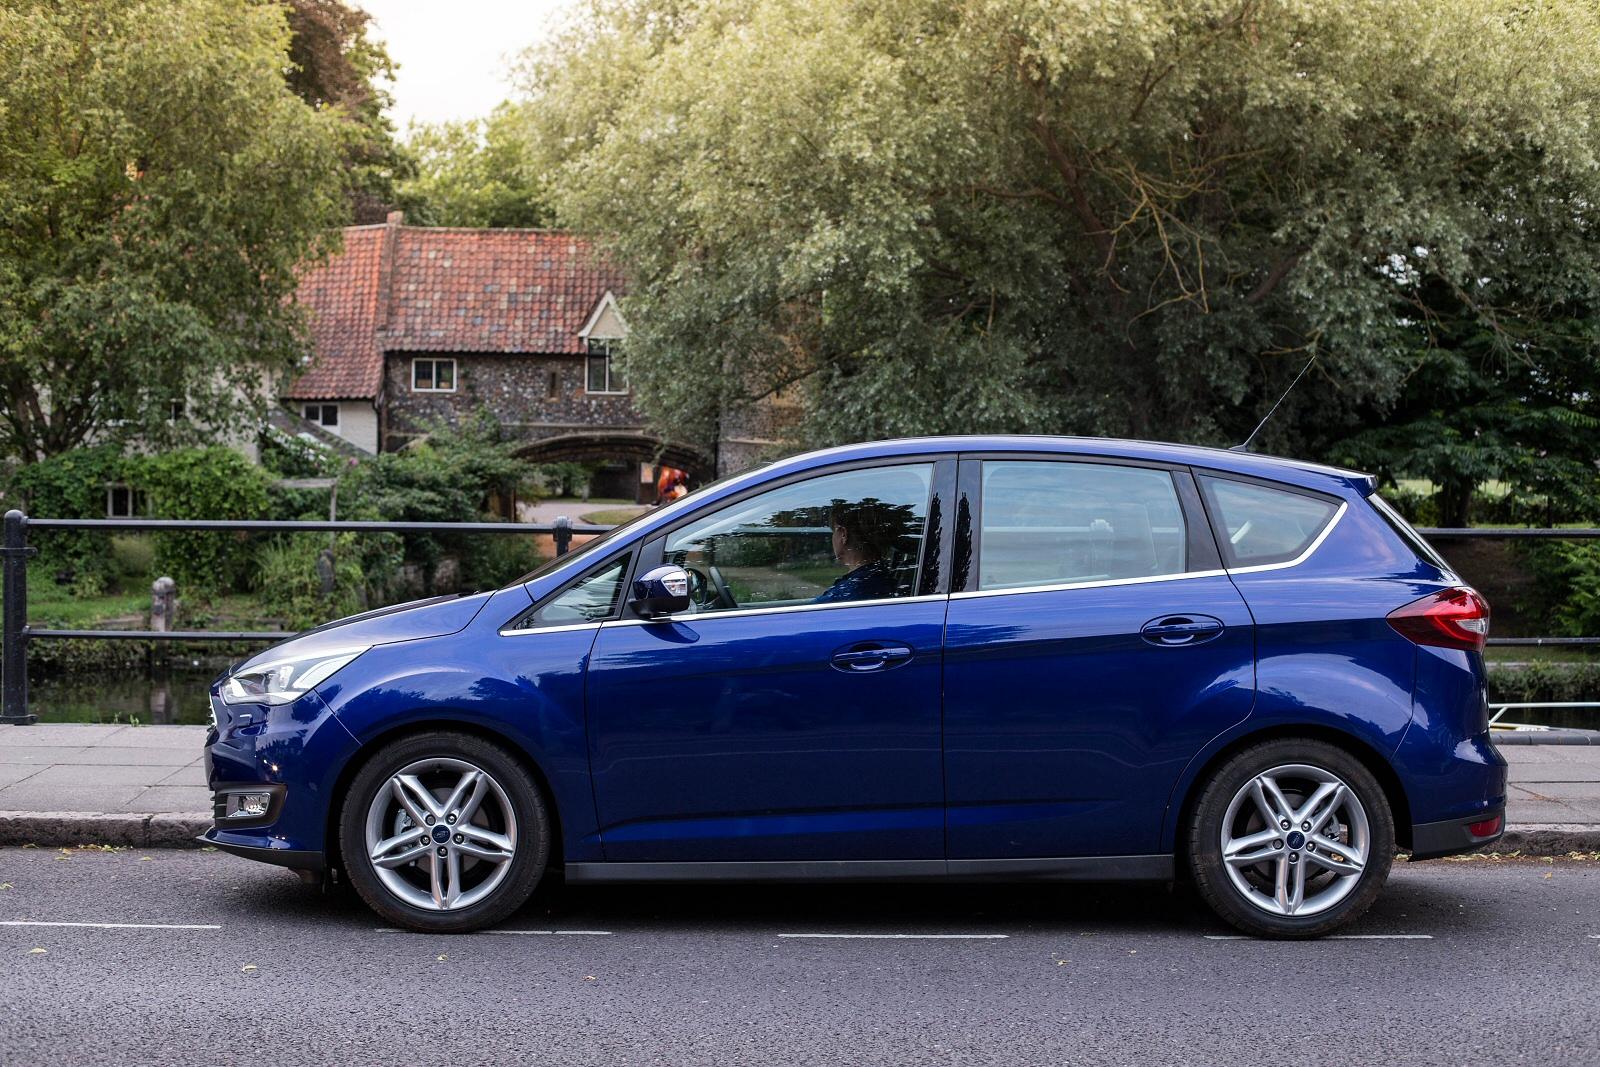 new ford c-max 1.0 ecoboost zetec navigation 5dr petrol estate for